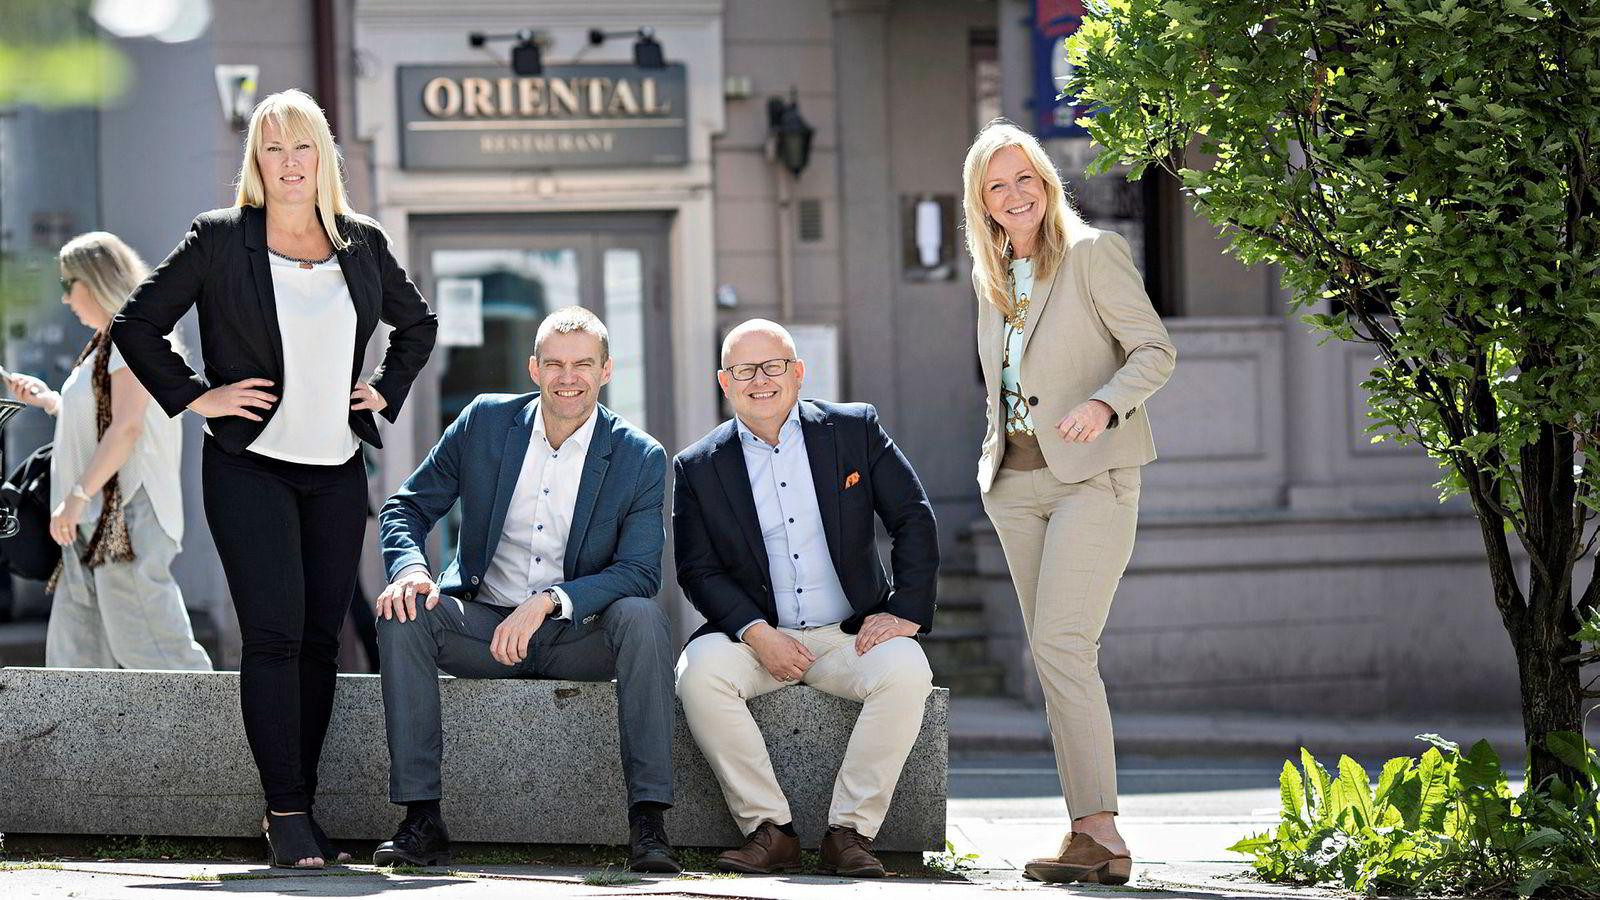 Seniorøkonom Mari O. Mamre i Ny Analyse (fra venstre), forskningssjef Erling Røed Larsen i Eiendomsverdi, administrerende direktør Baard Schumann i Selvaag Bolig og eiendomssjef Tone C. Krange i DNB Eiendom.